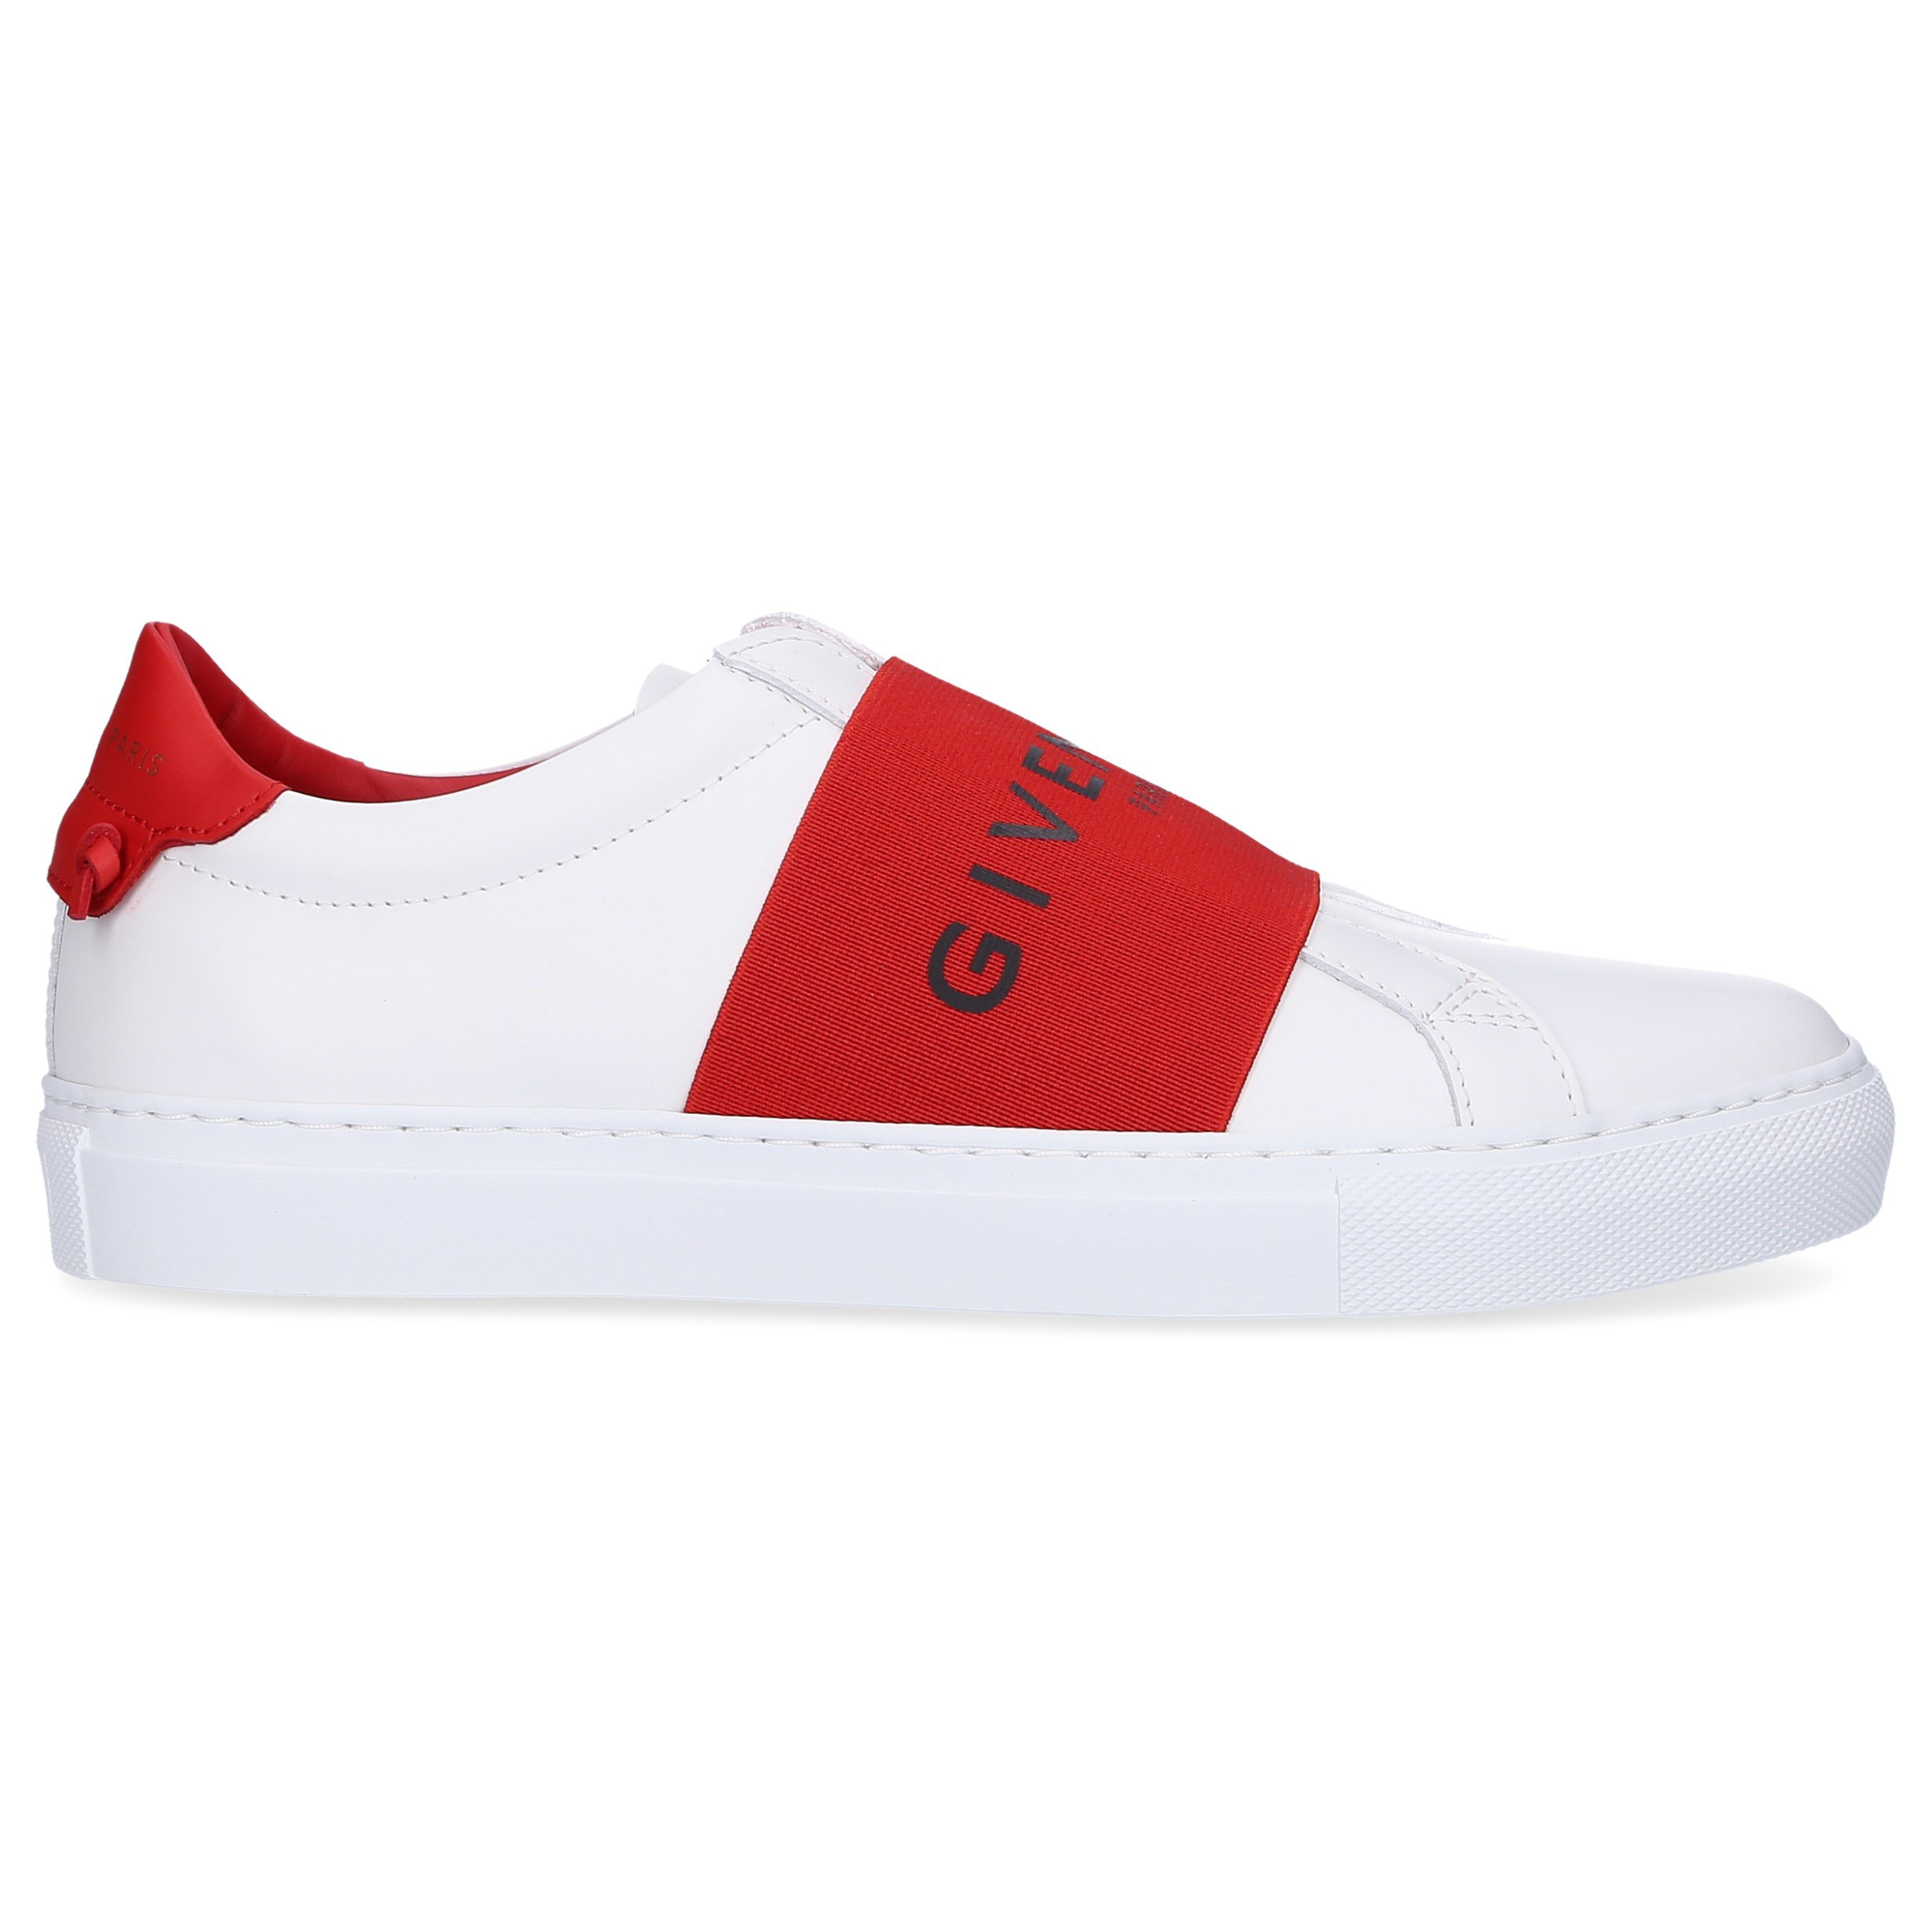 6f39f95fa863 Givenchy Slip Ons 5E01Y Kalbsleder Logo rot weiß